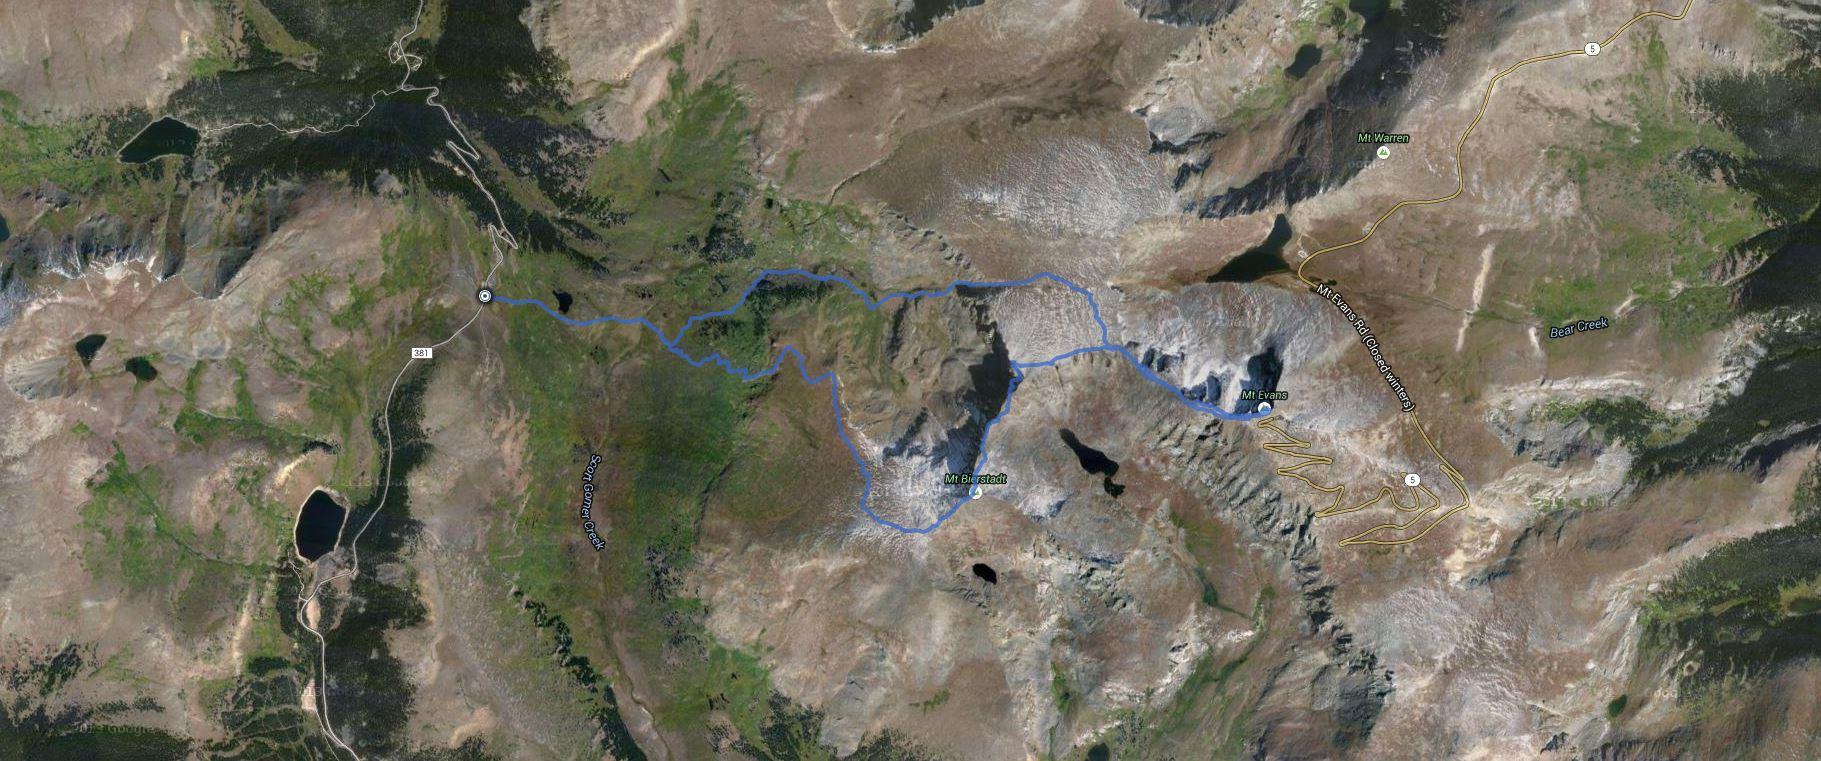 Mount Bierstadt, West Evans, Mount Evans (CO) – GPS Track